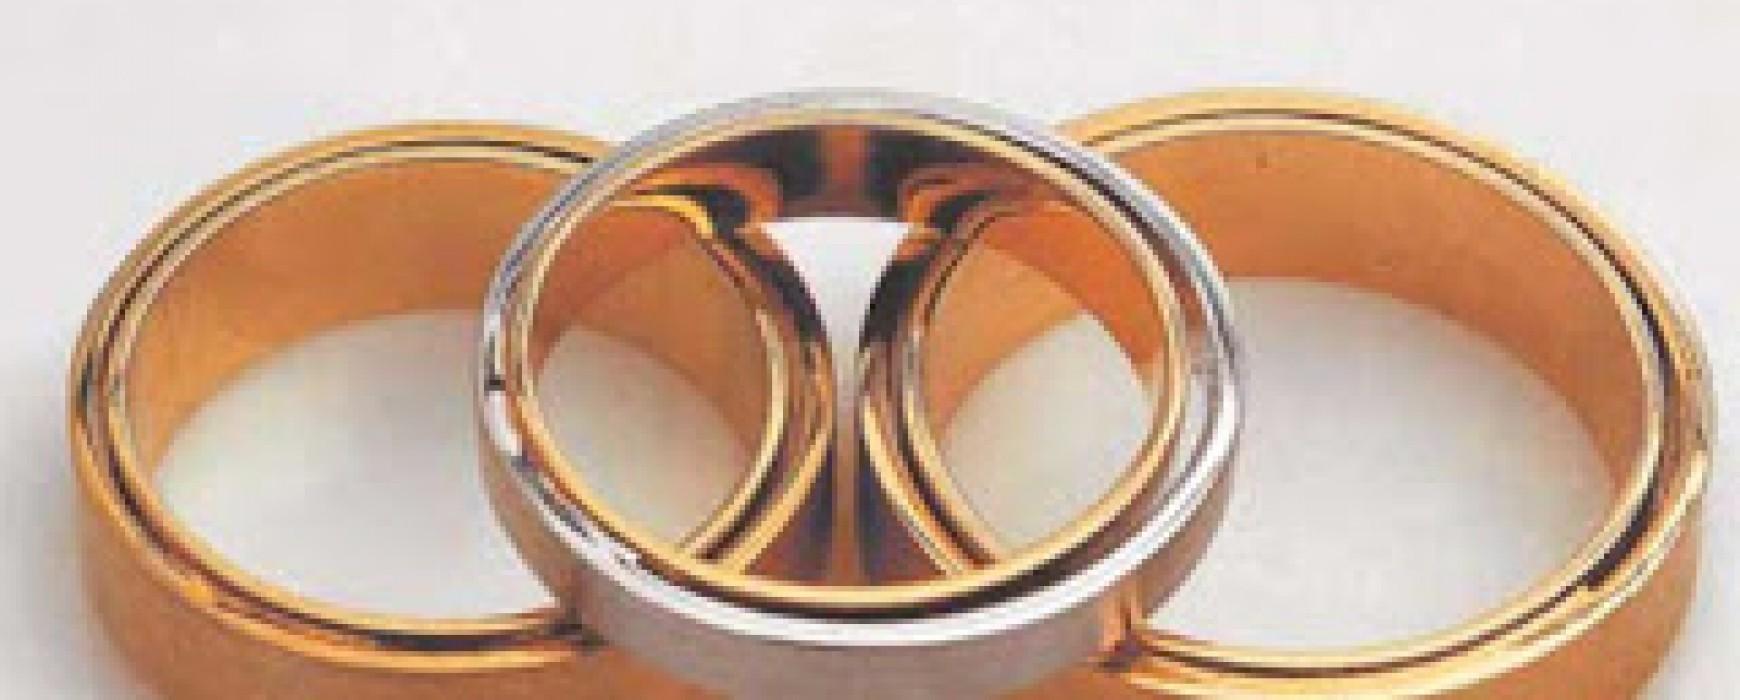 Infidelidade e o mito da monogamia